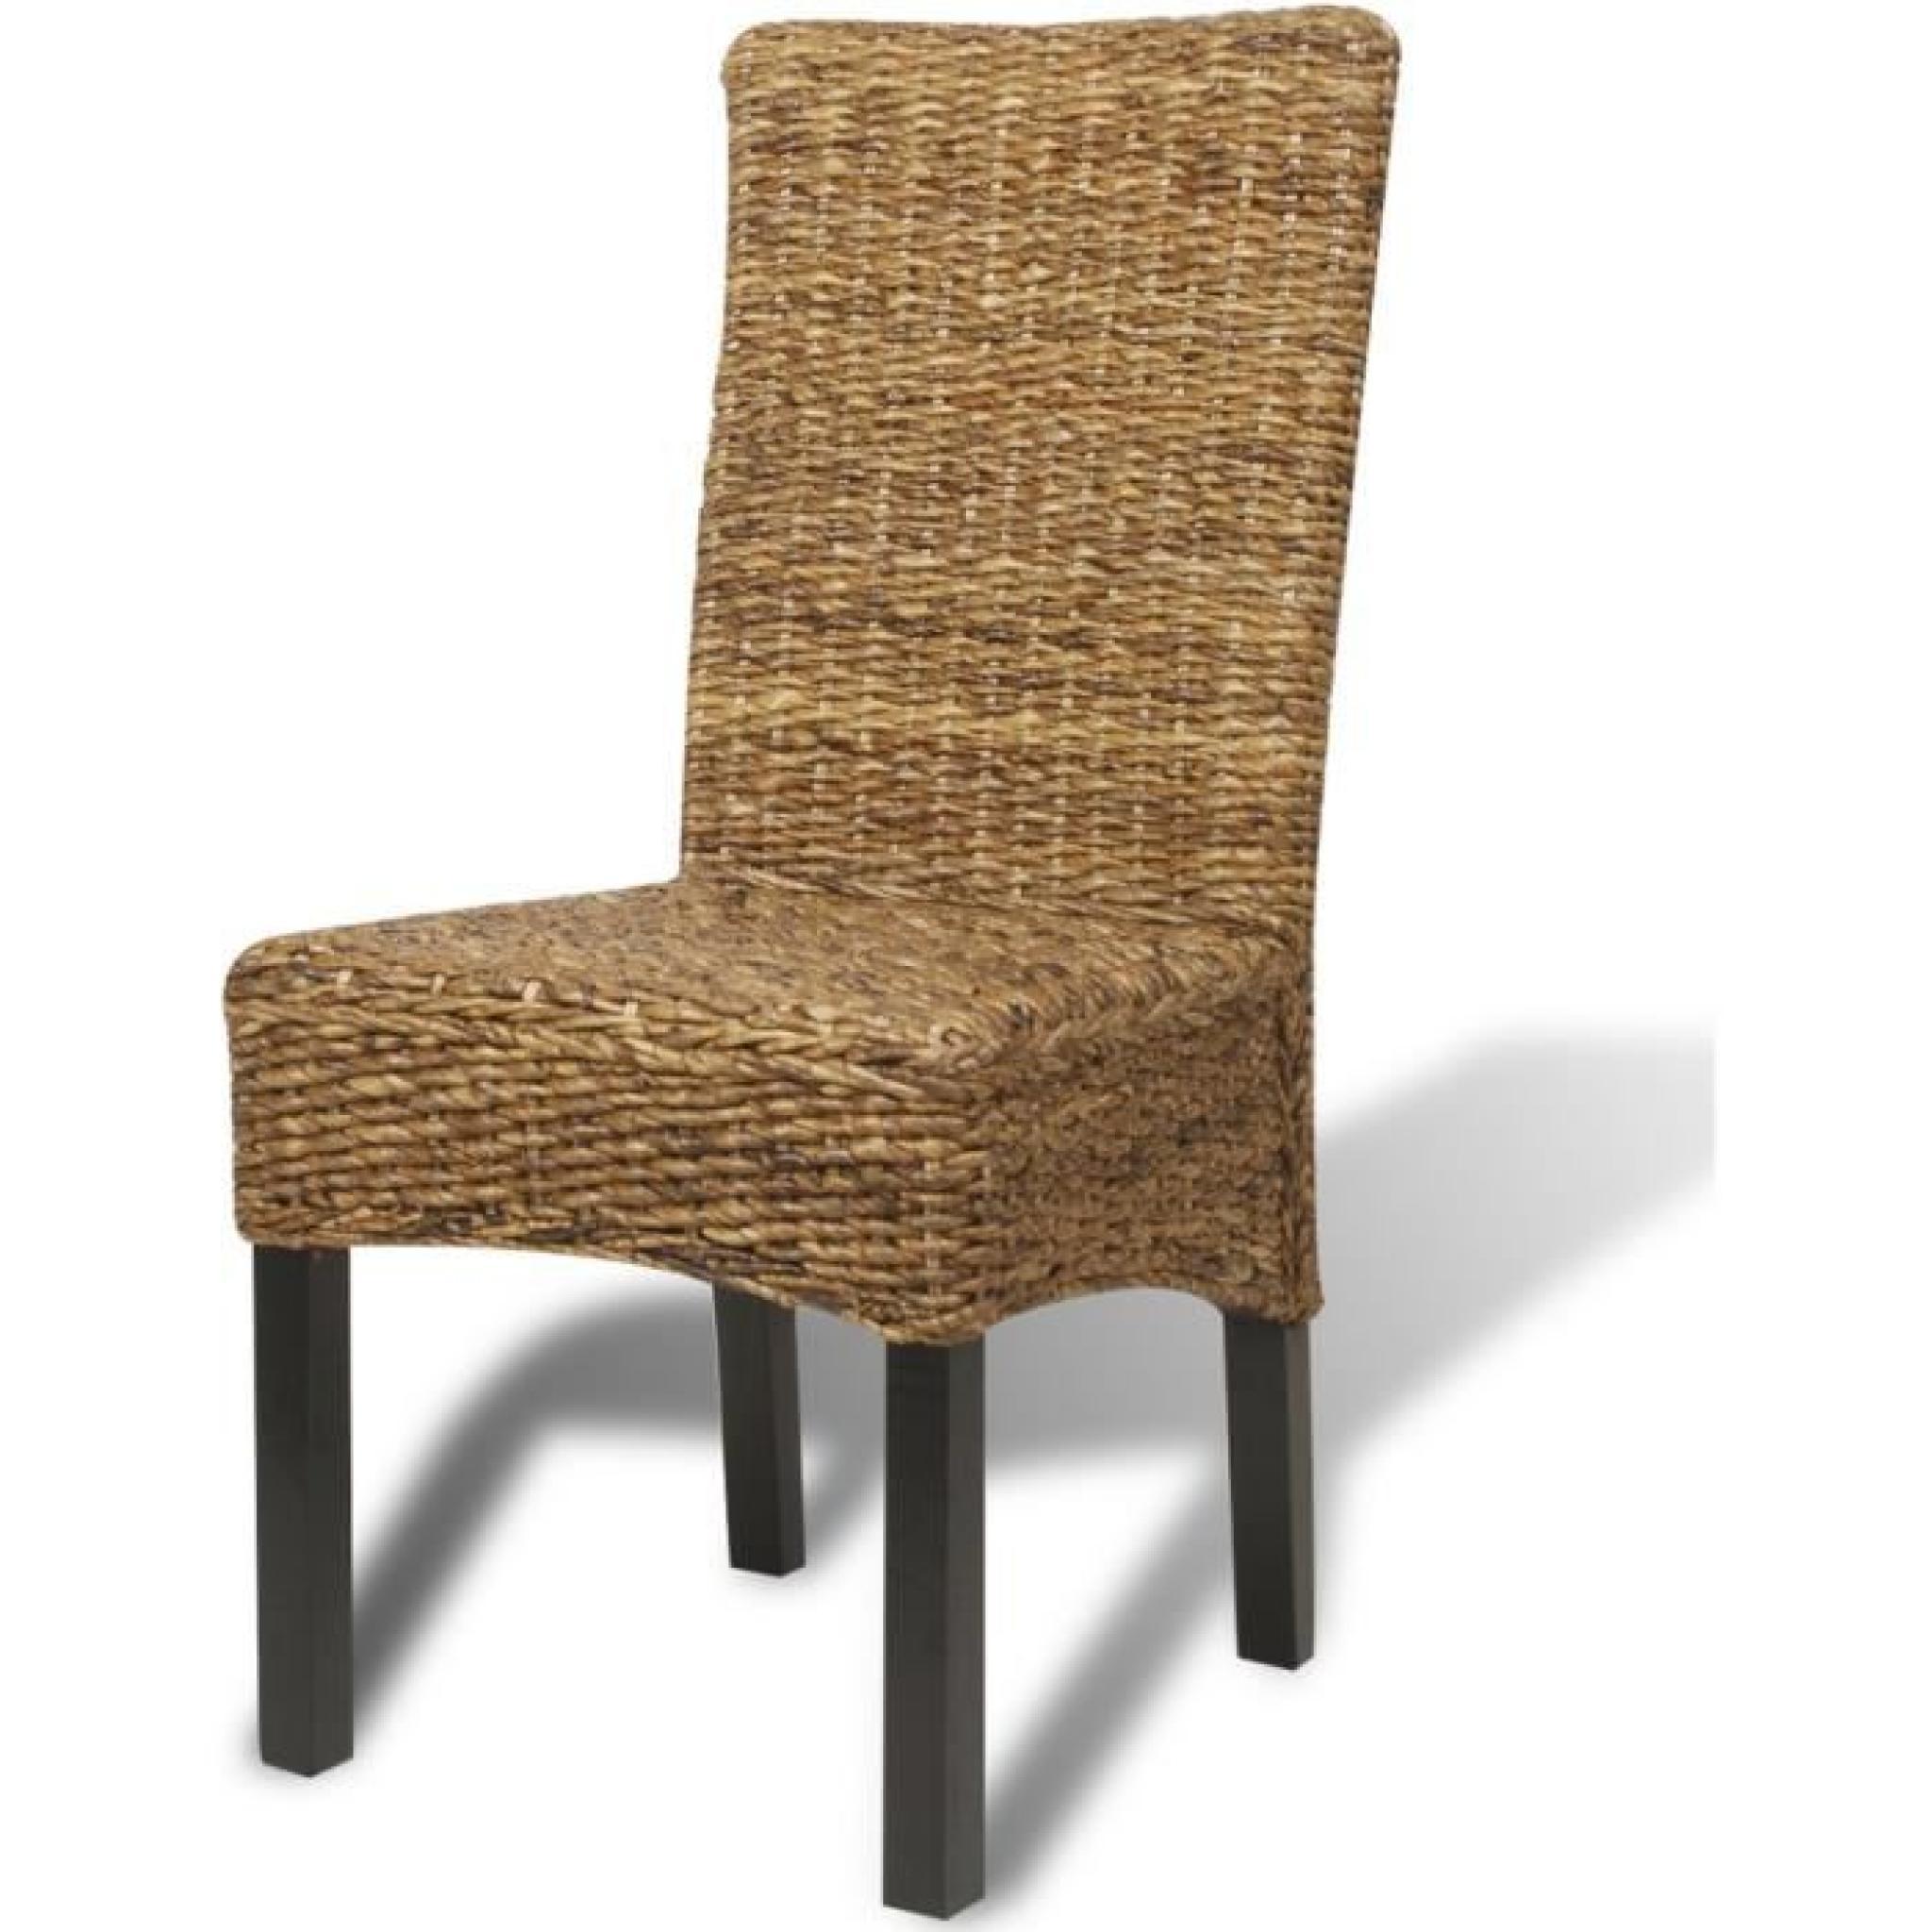 Set de 2 chaises en abaca brun faites la main achat for Chaises salle a manger 2 main